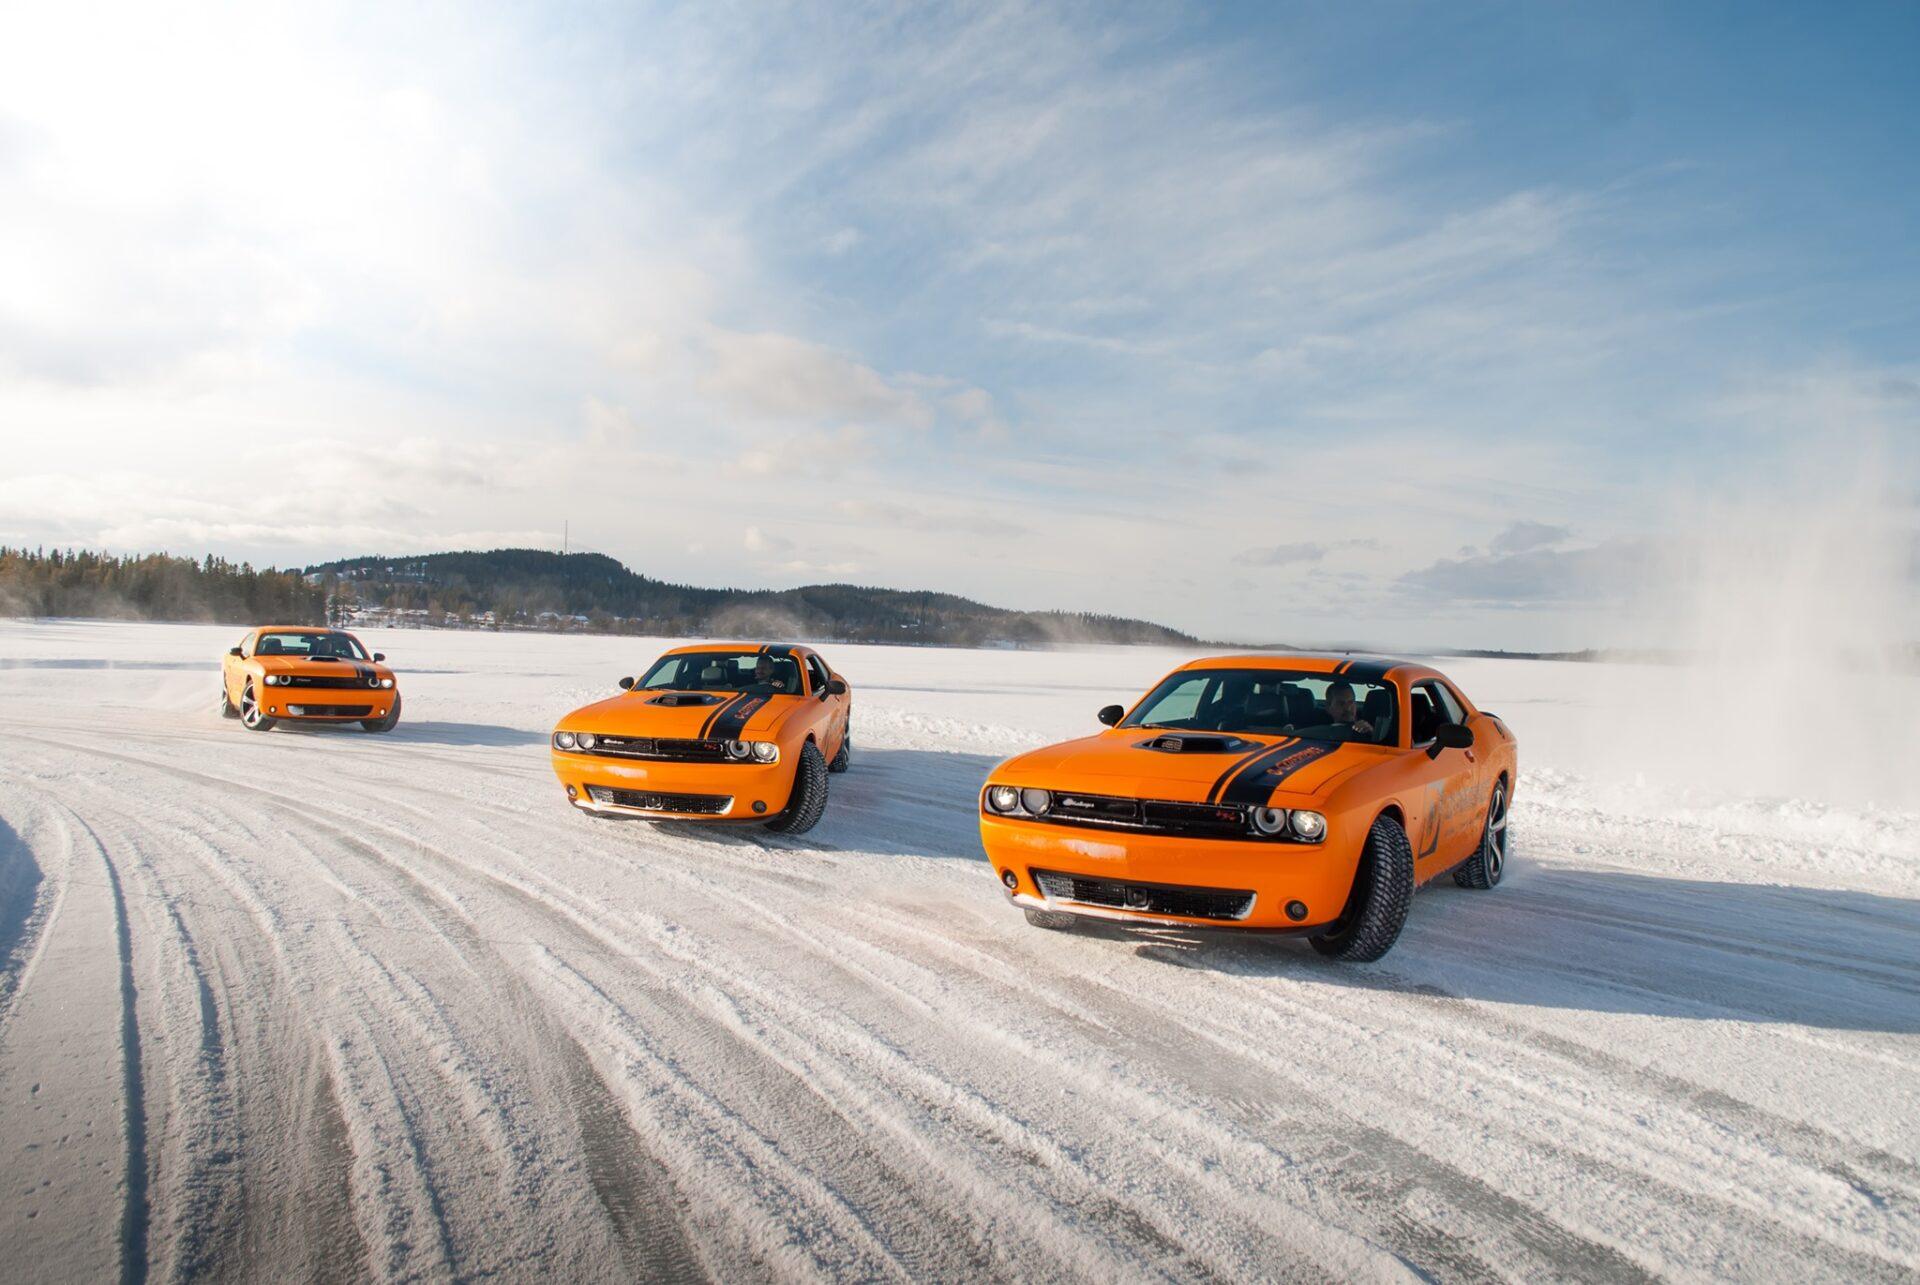 SA Event bilar på isbanan